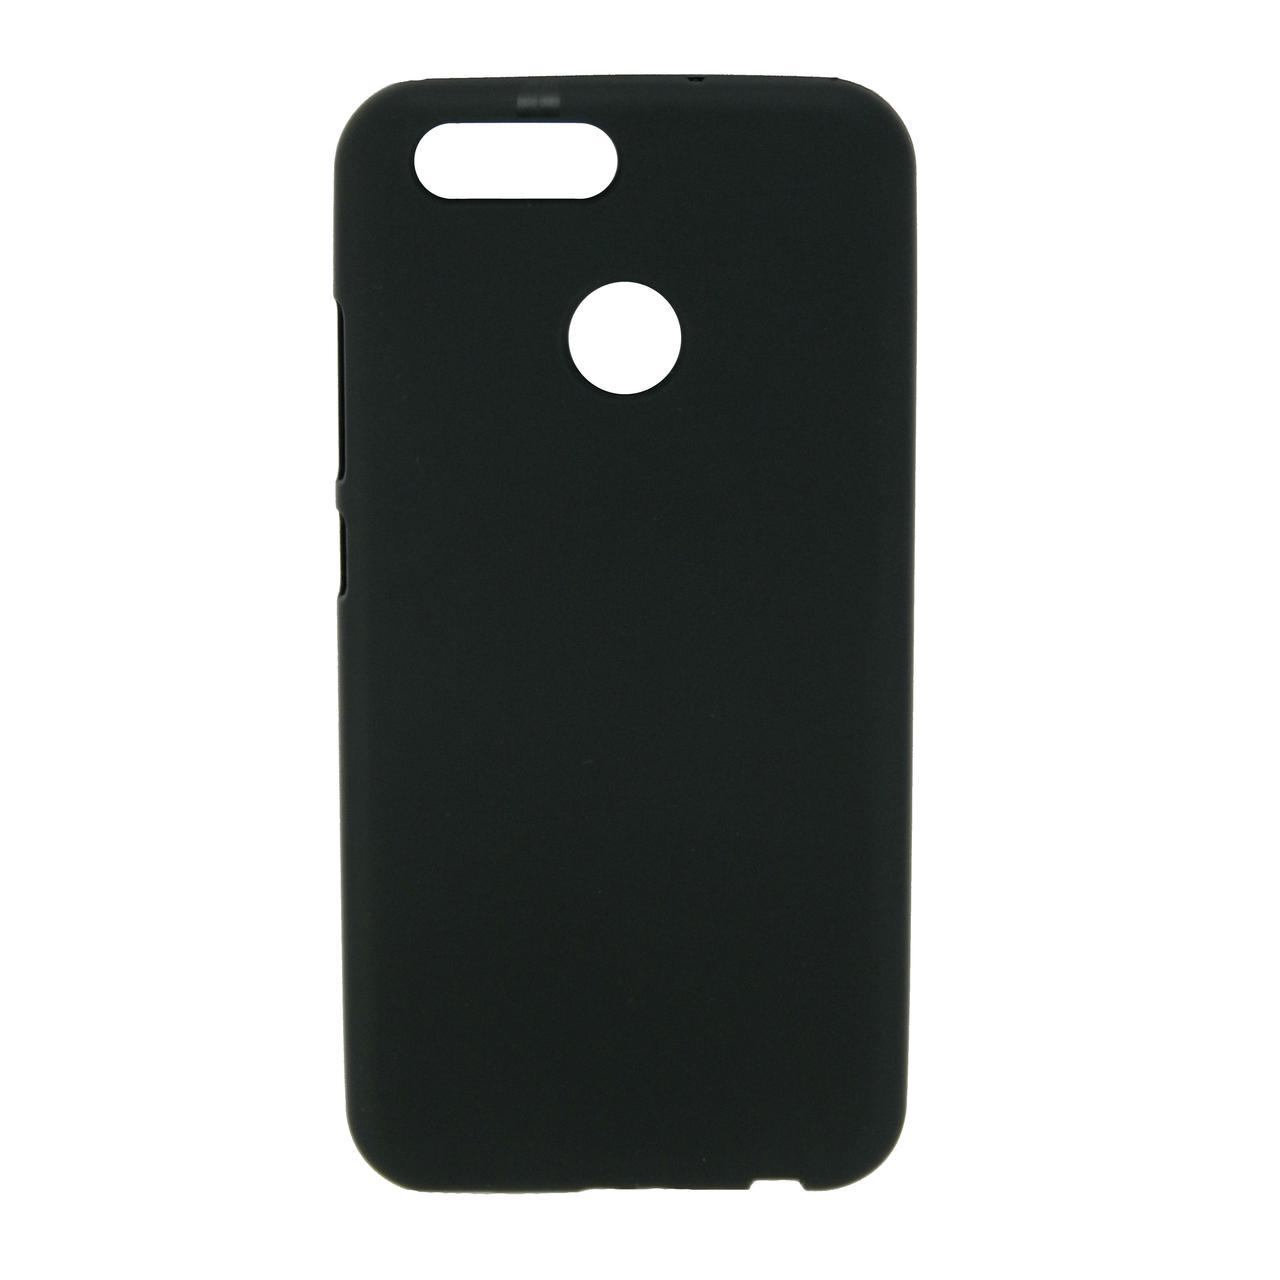 Чехол накладка для Huawei Nova 2 силиконовый матовый, черный